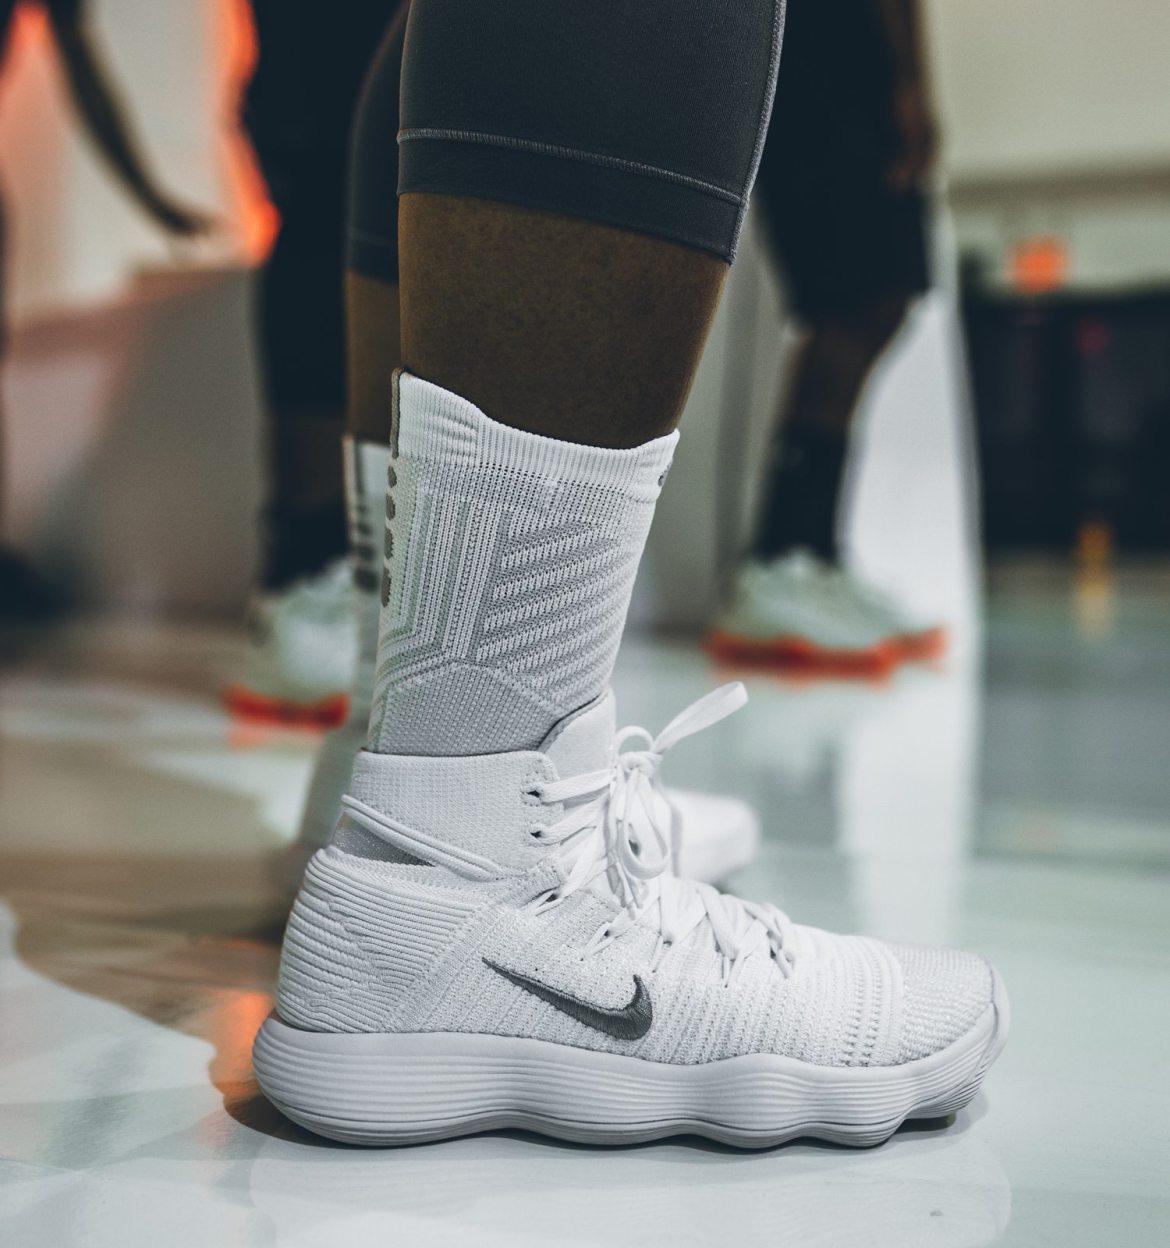 Flyknit Nike Hyperdunk 2017